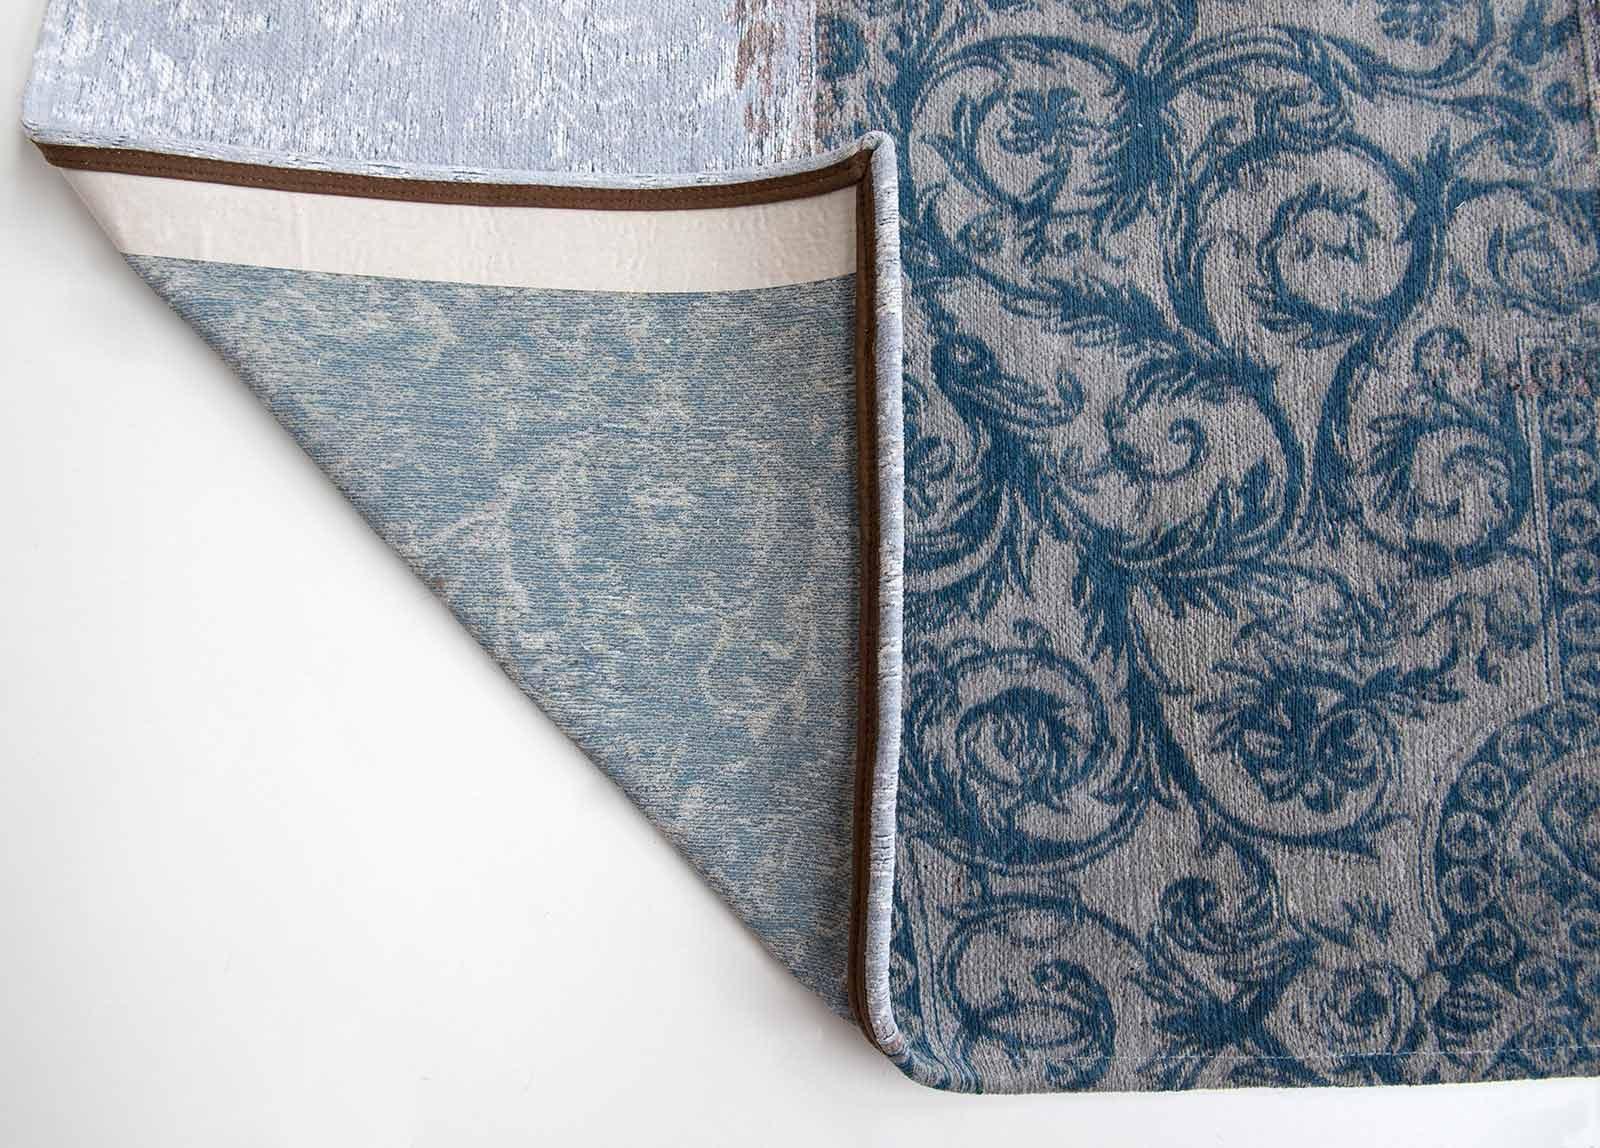 vloerkleed Louis De Poortere LX8981 Vintage Bruges Blue corner